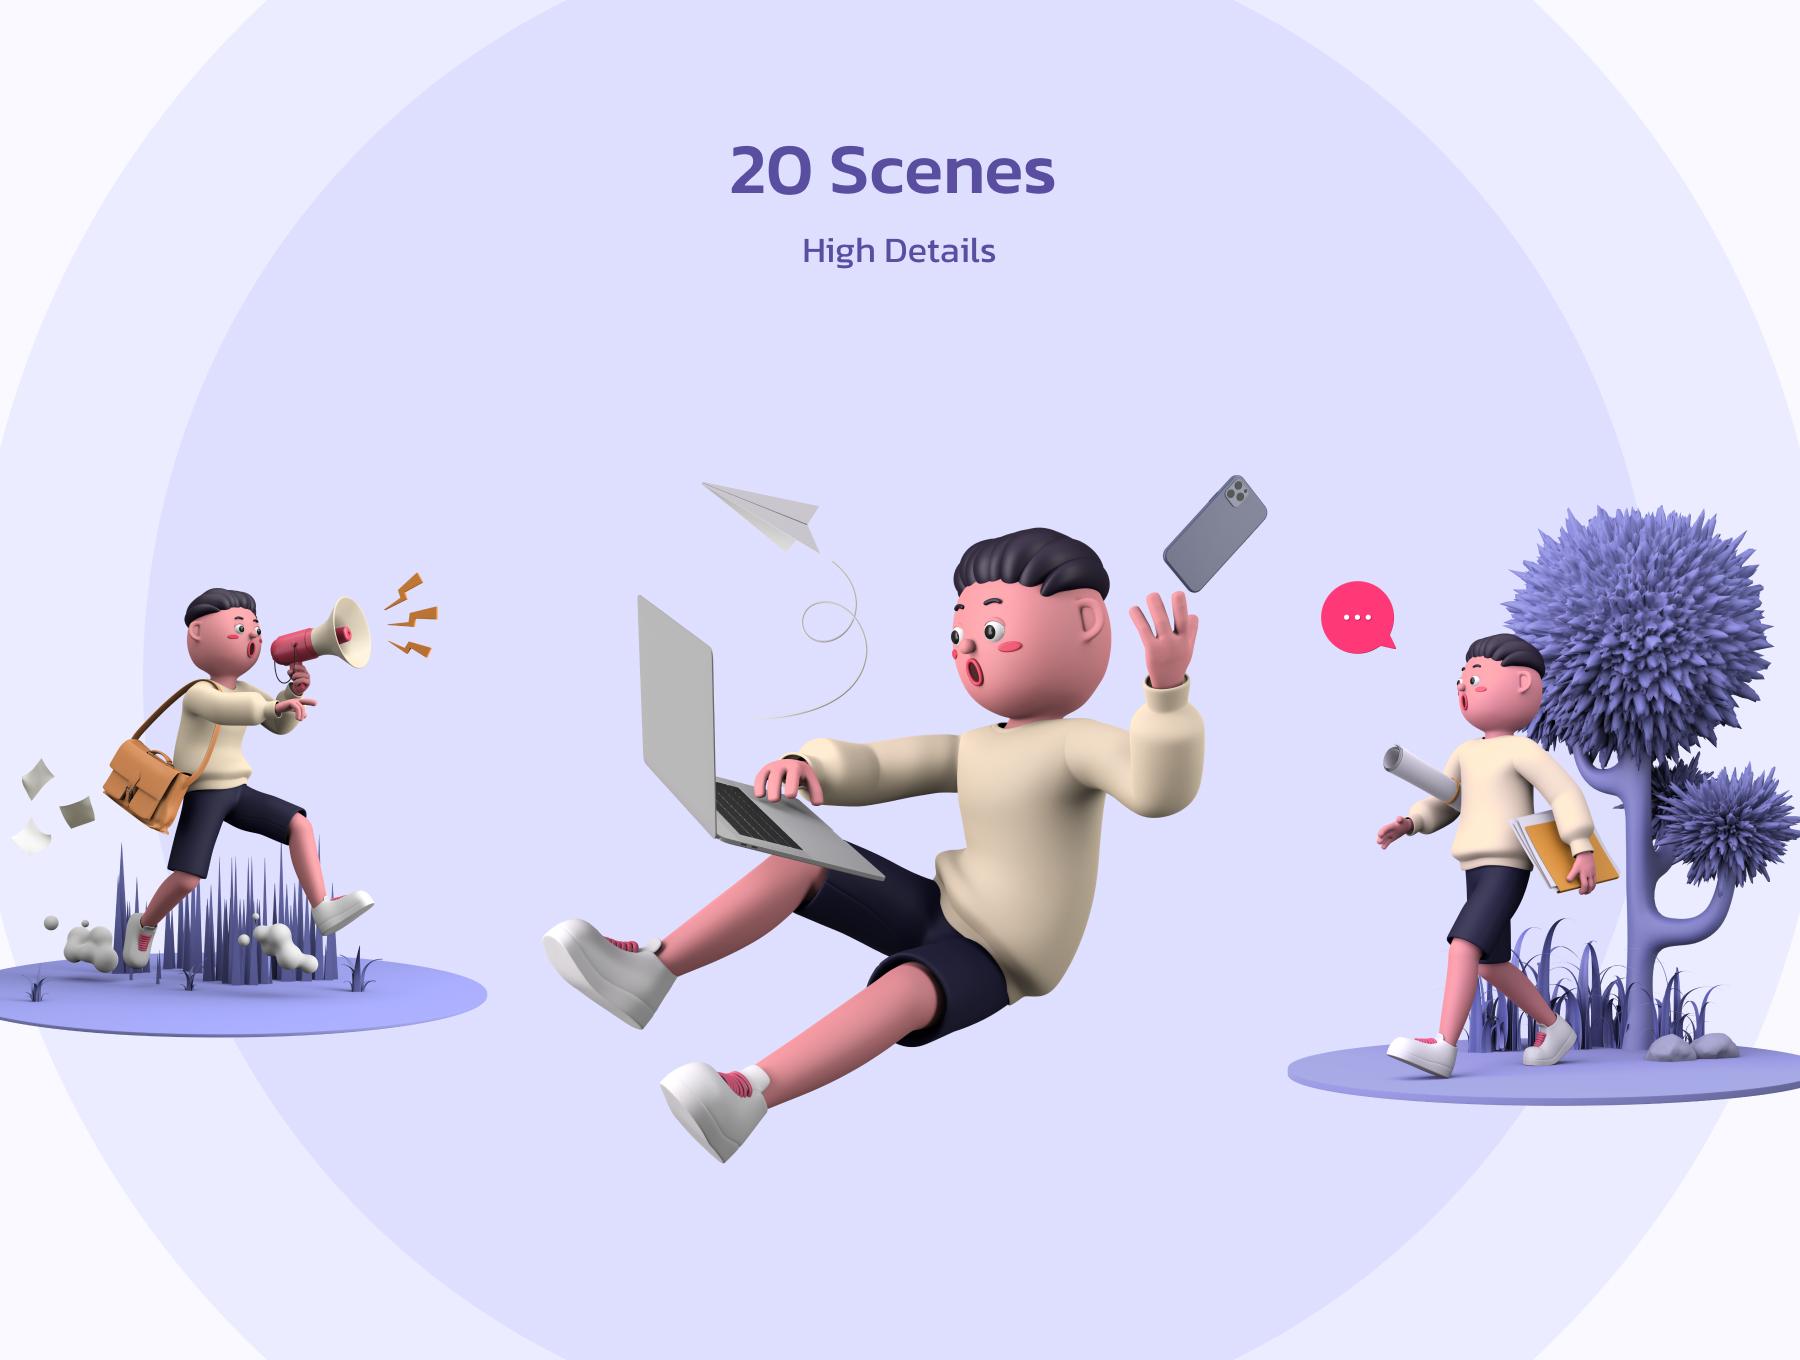 创意潮流卡通人物办公场景APP UI设计3D图标素材包 OUUU!!! 3D Illustration插图2